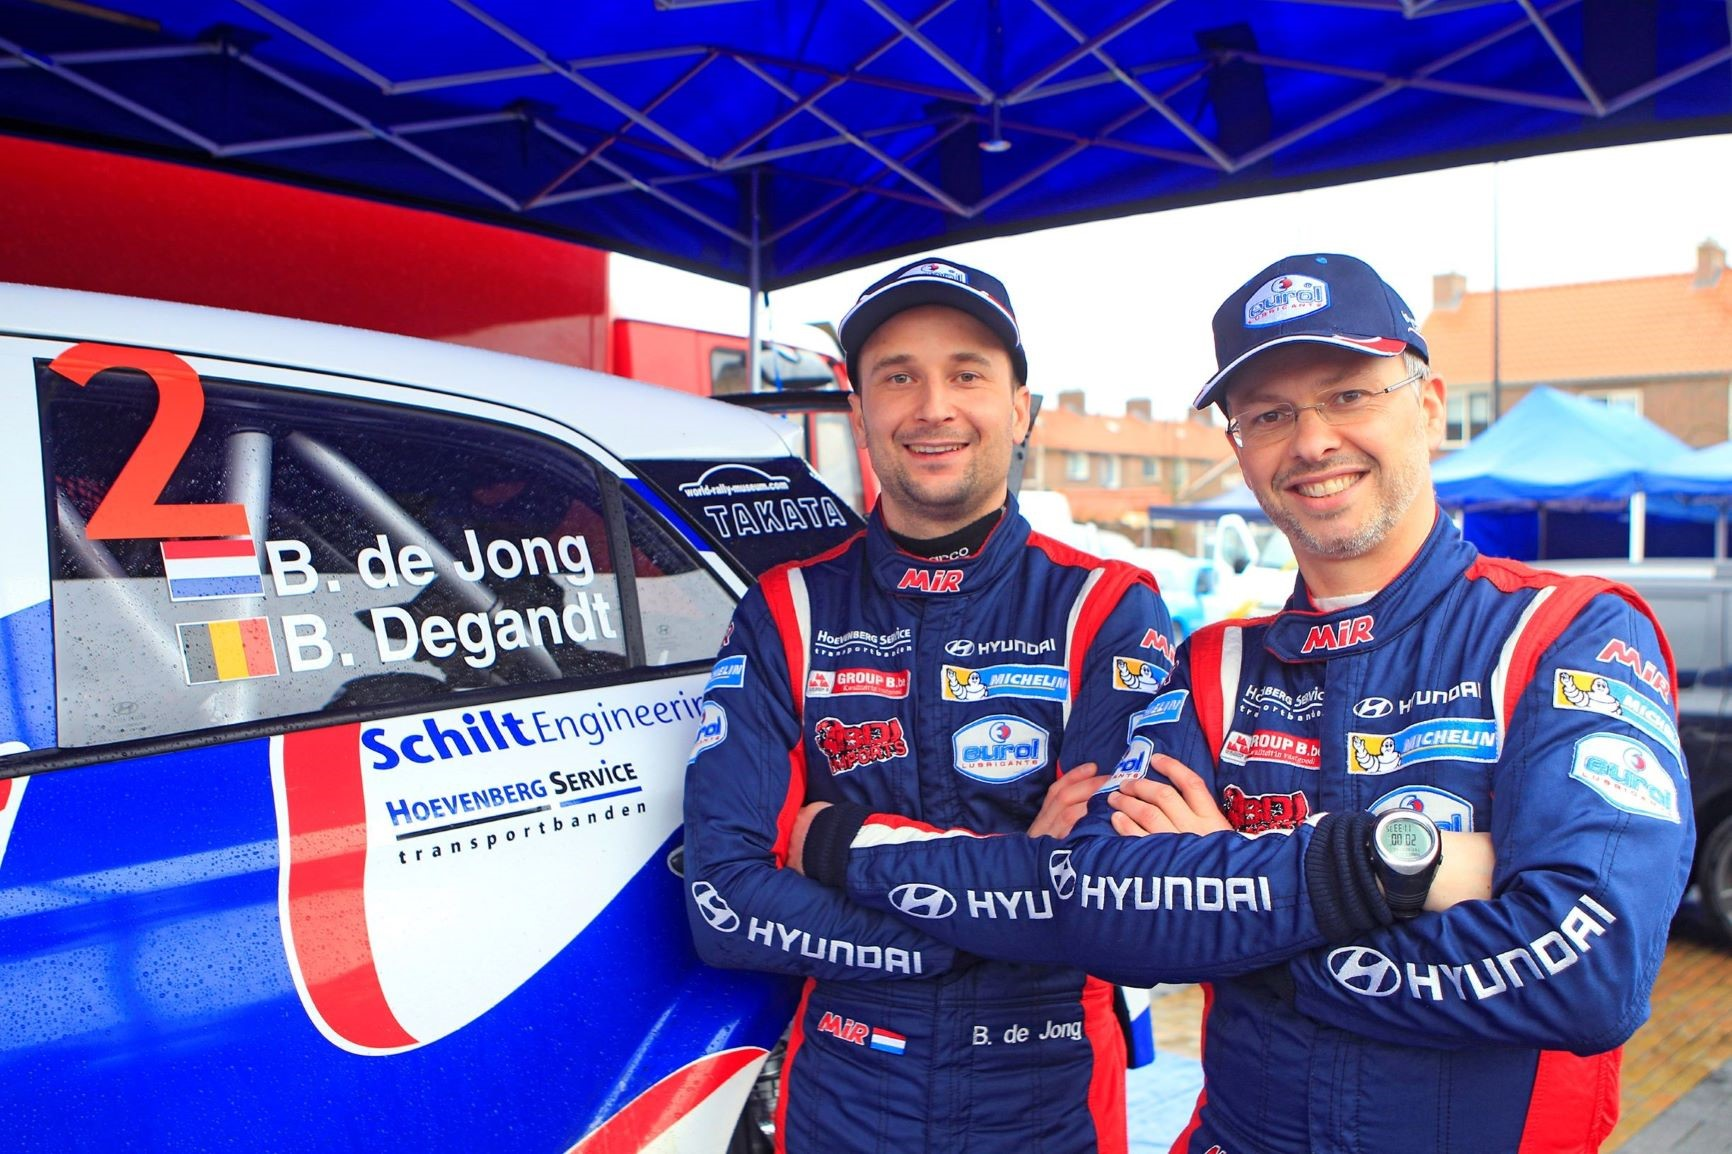 Bob de Jong & Bjorn Degandt - i20 R5 - Zuiderzee Rally